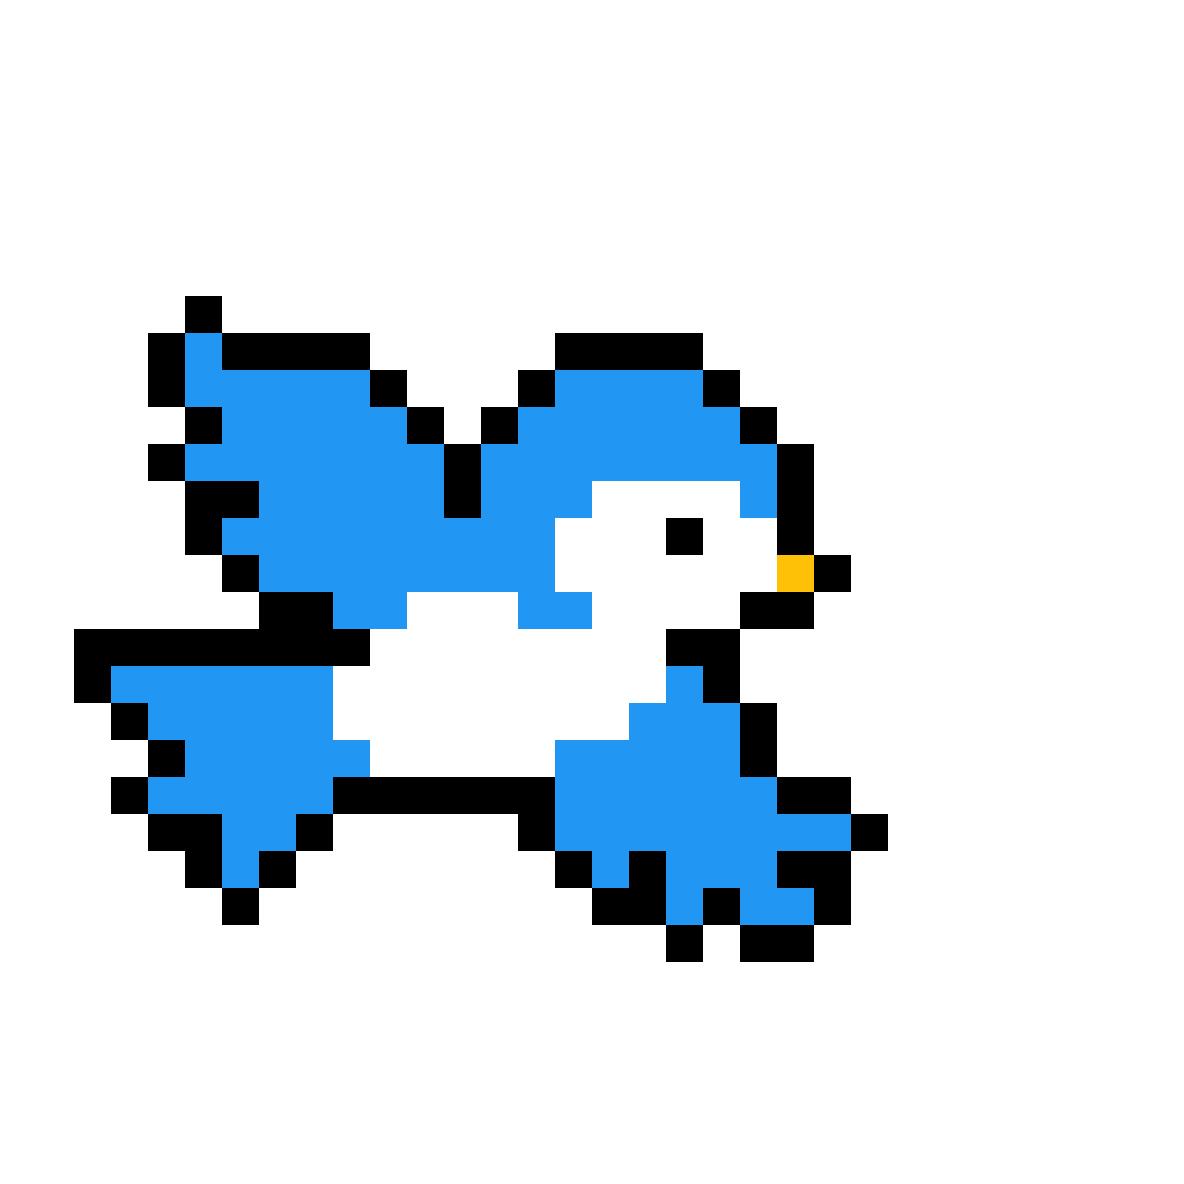 Что такое пиксель? какой размер и цвет пикселя?